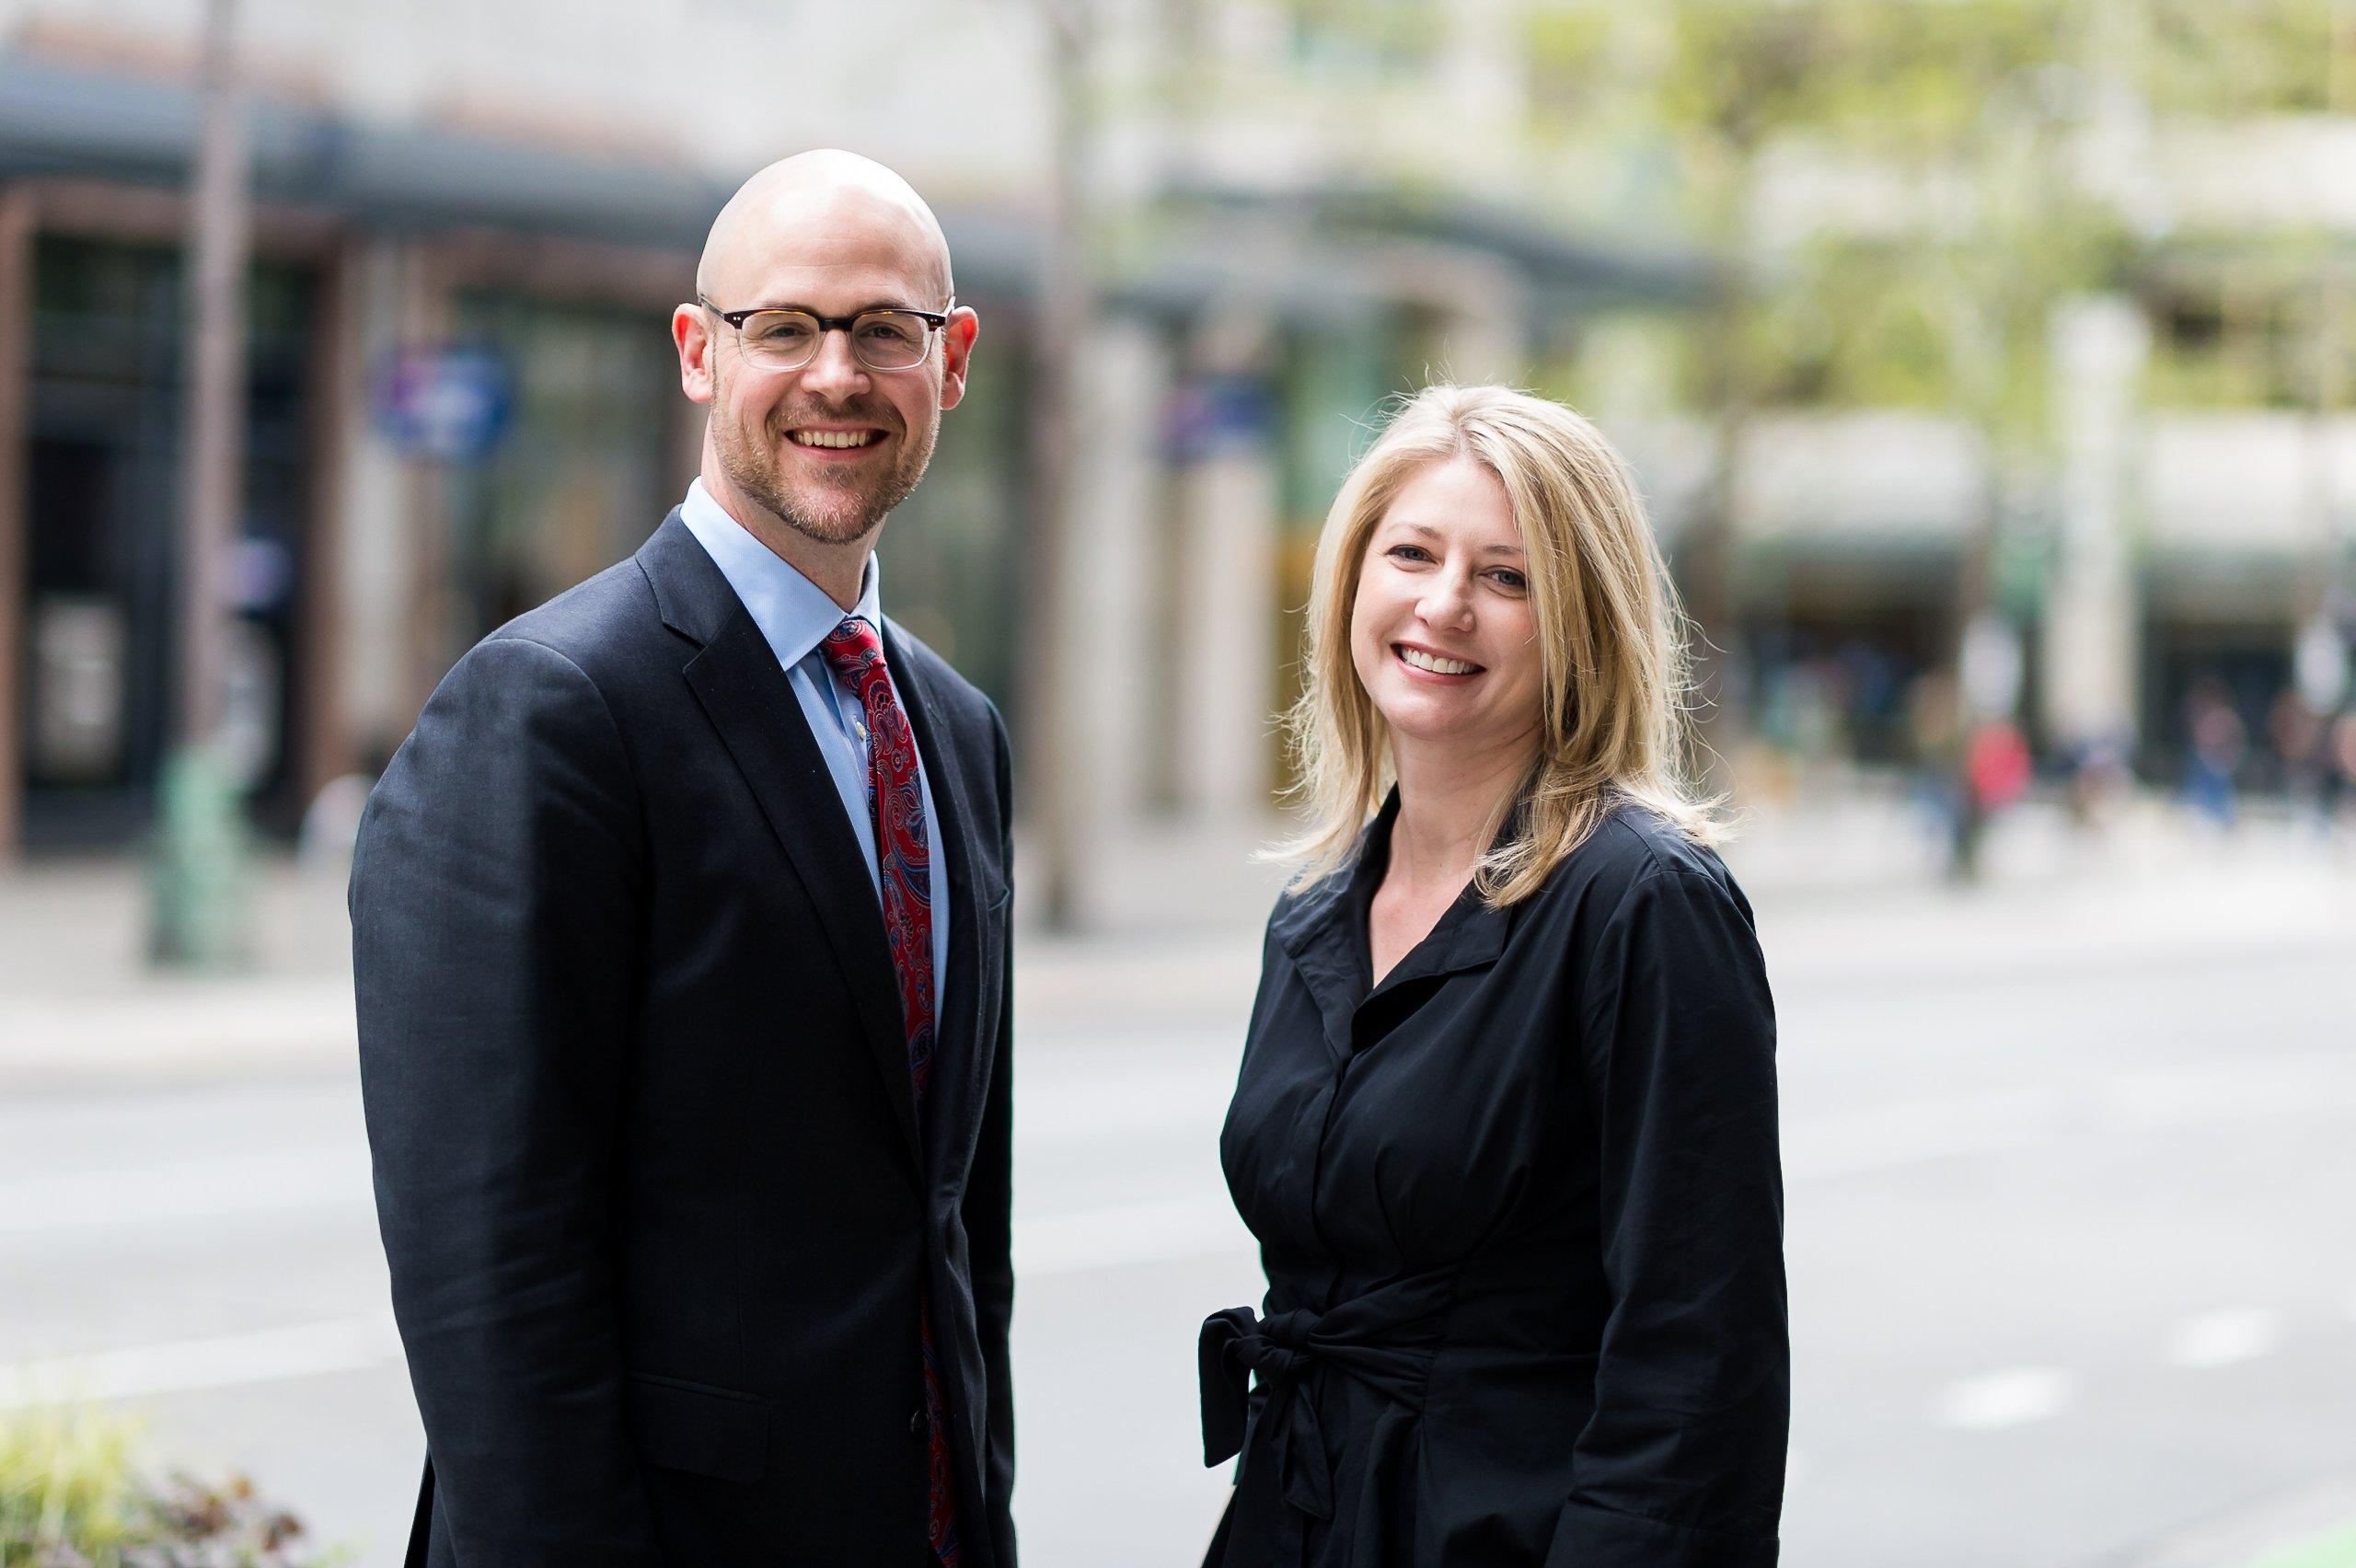 Ryan Schmid & Jennifer Sargent